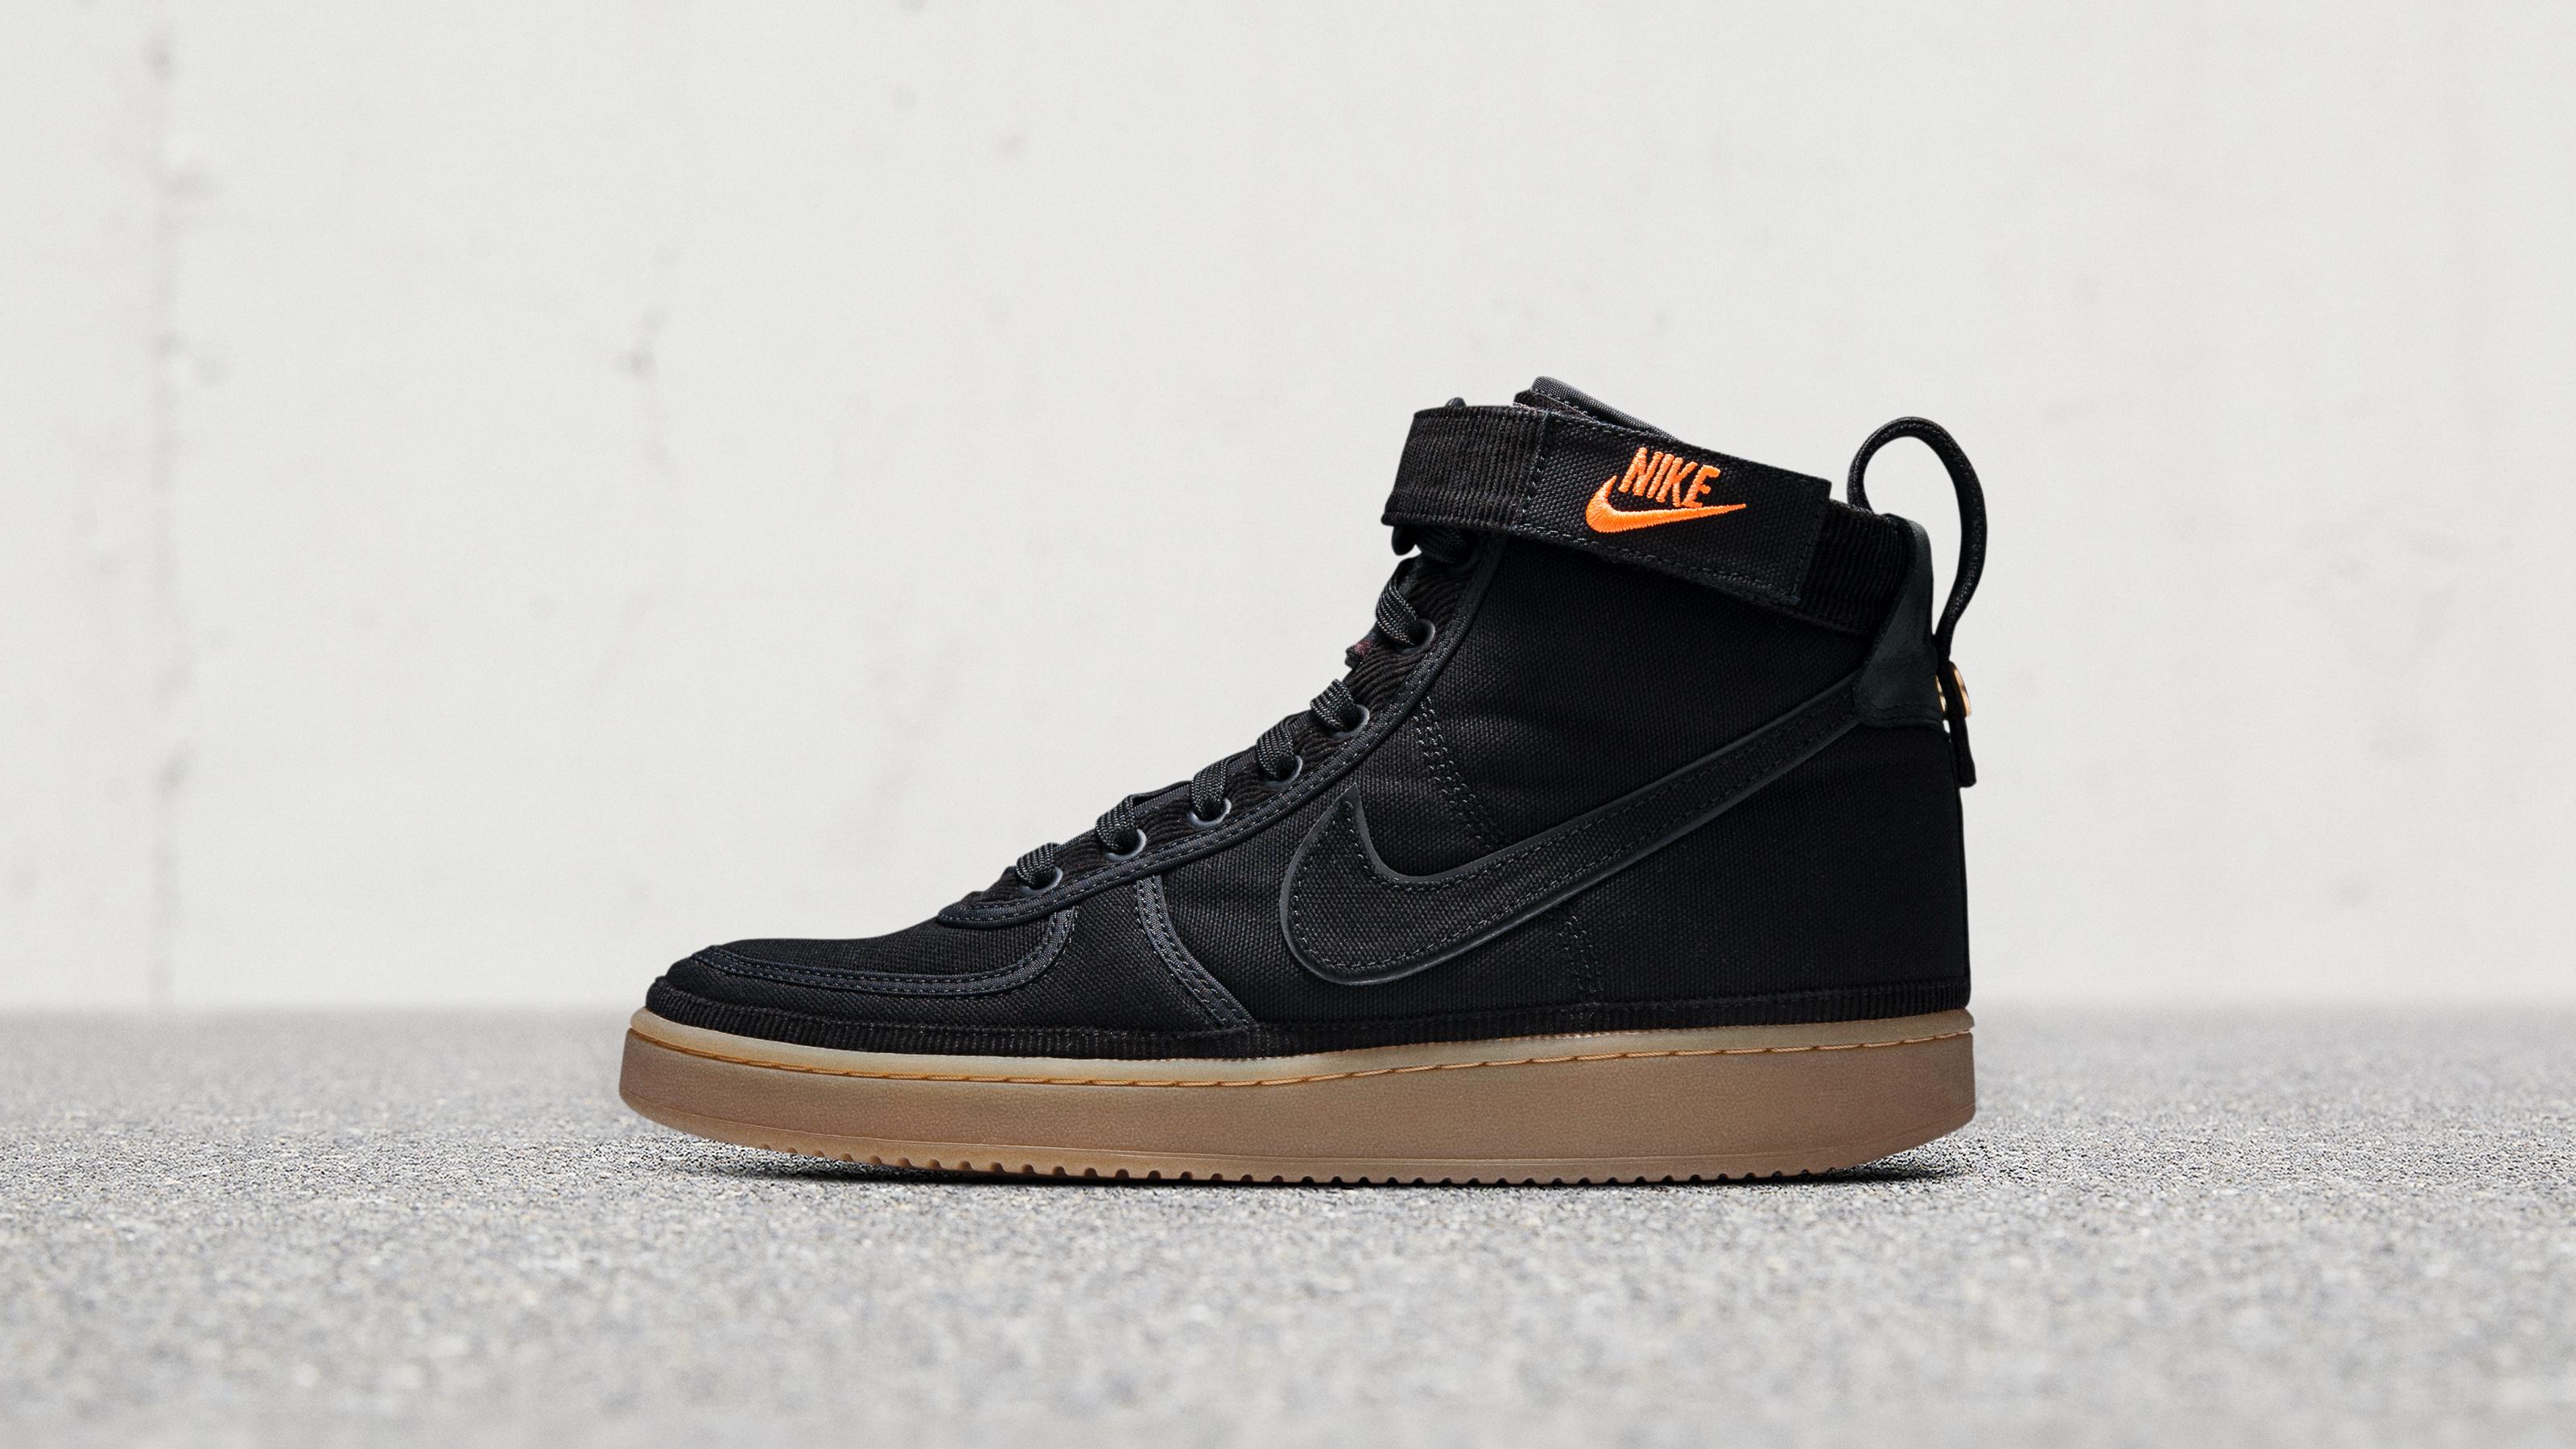 Nike x Carhartt WIP Vandal Supreme High